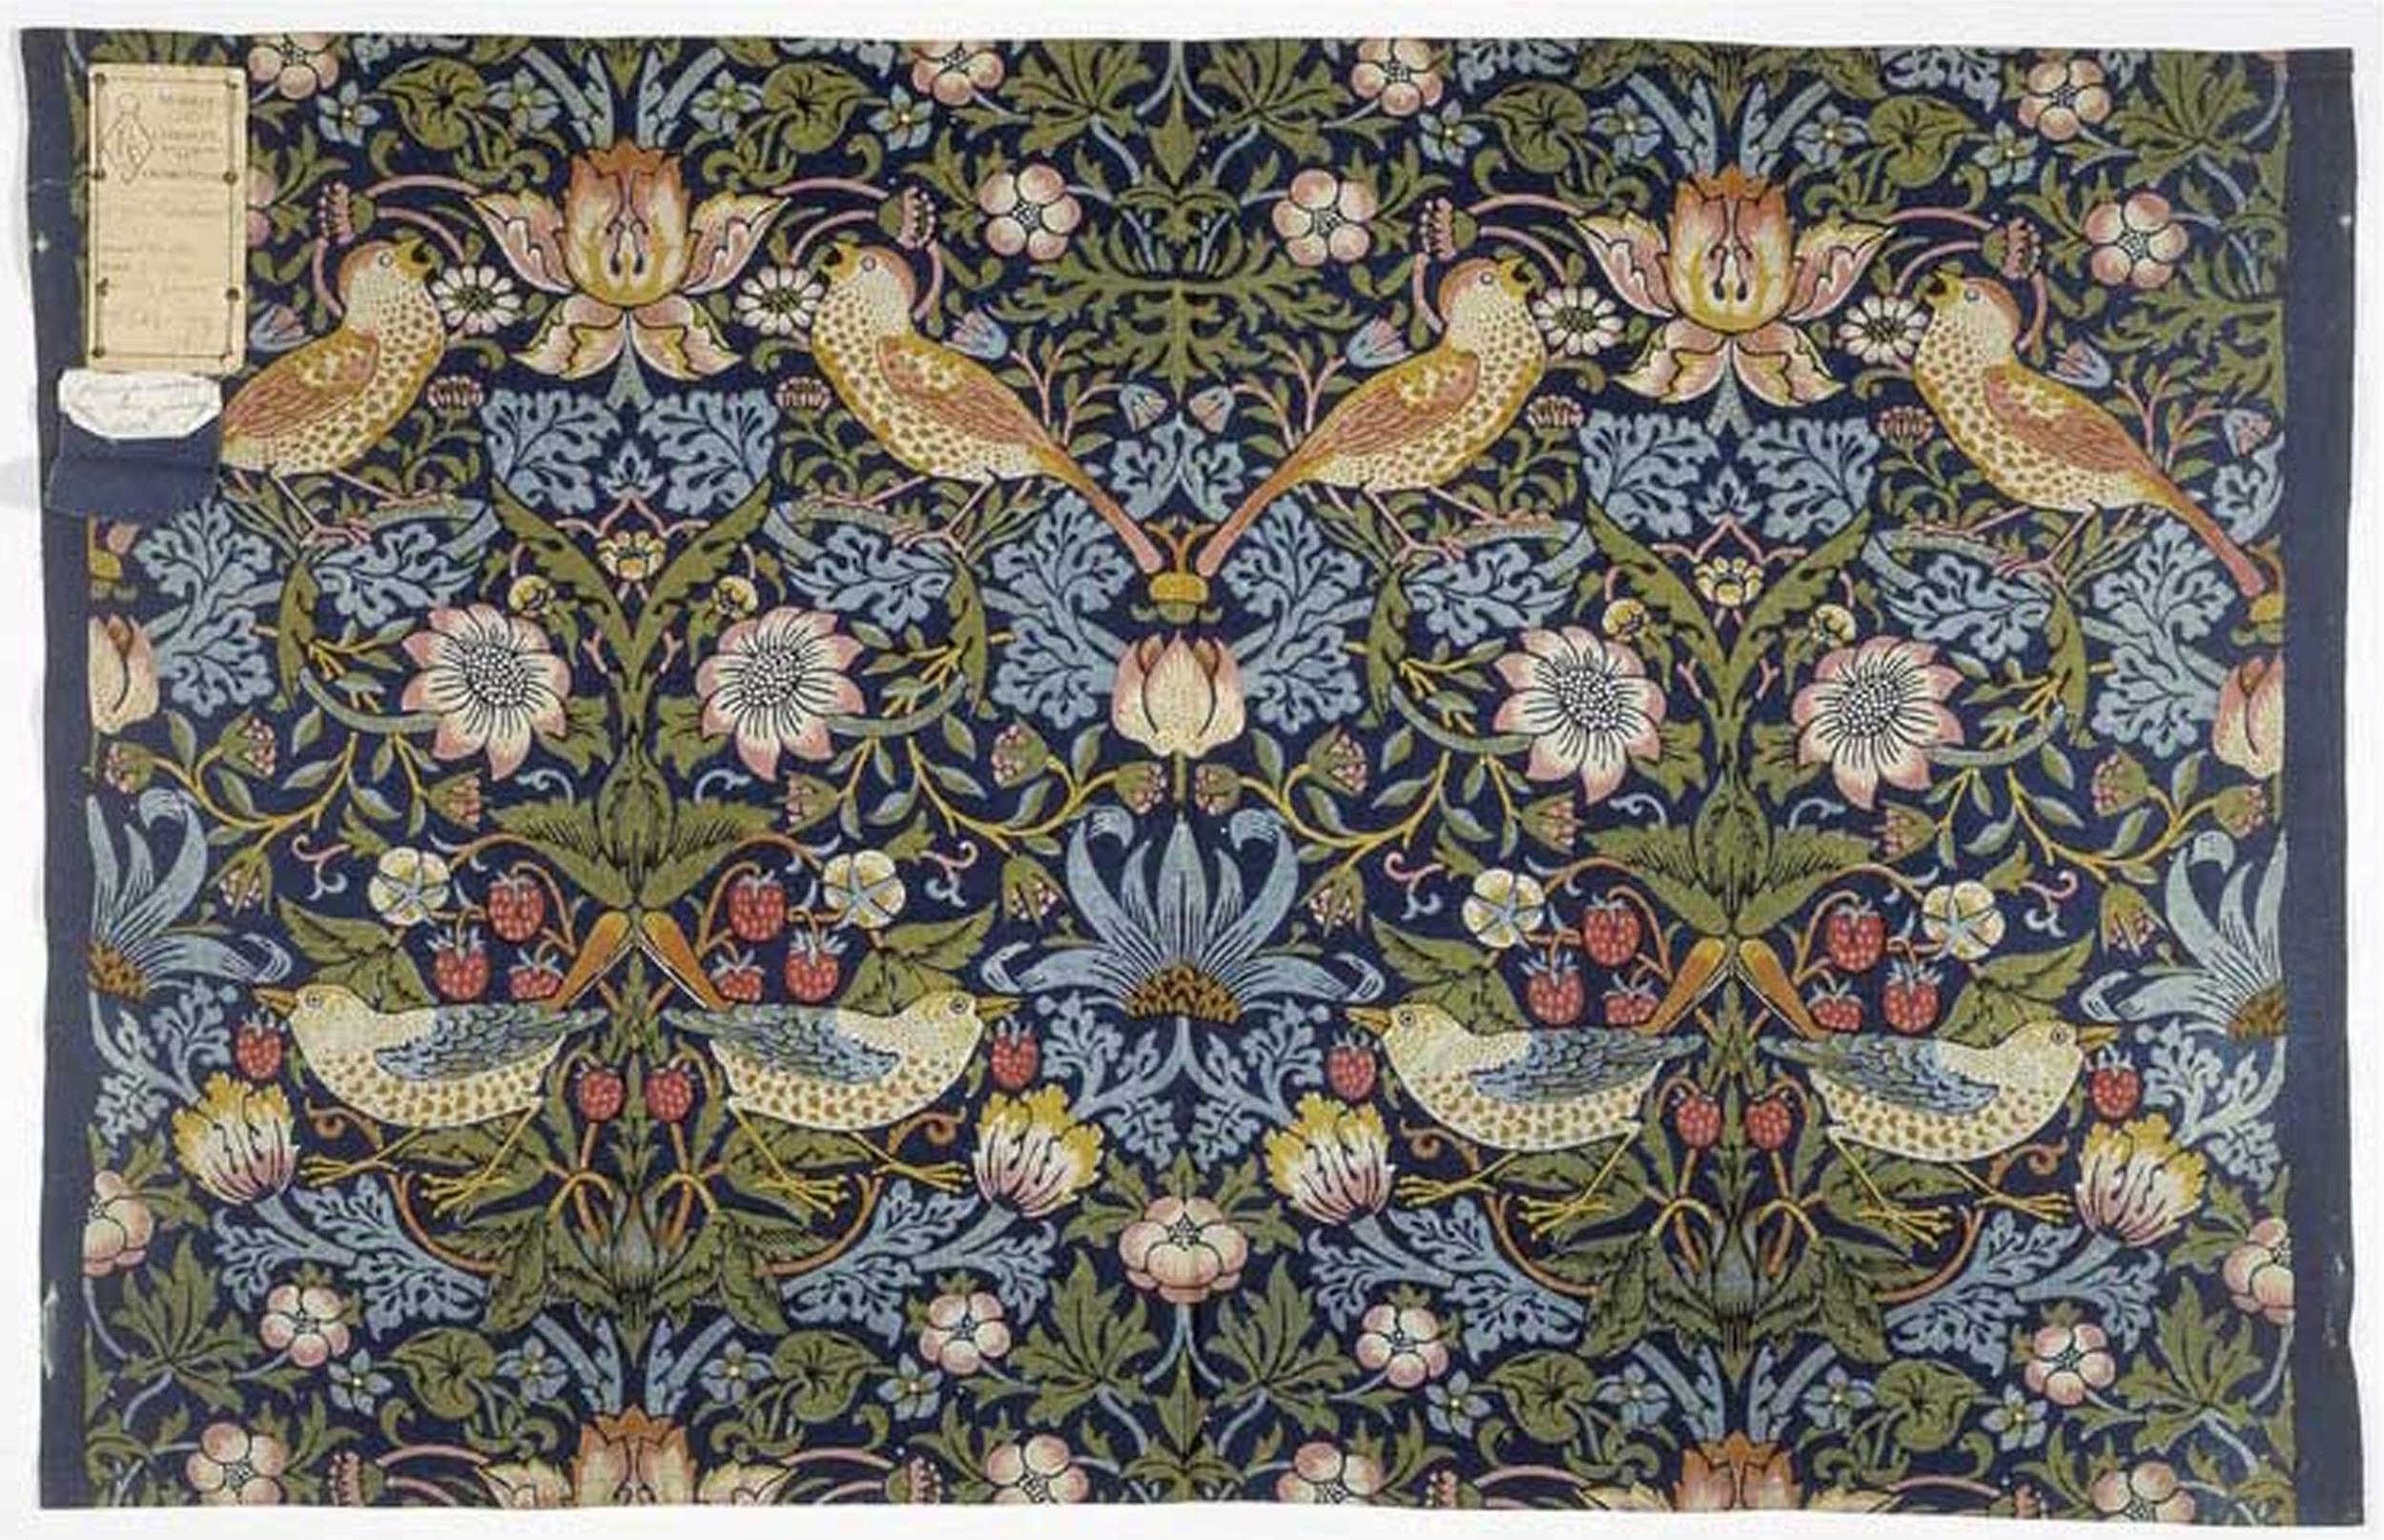 William Morris - Strawberry Thief - fabric designed in 1883